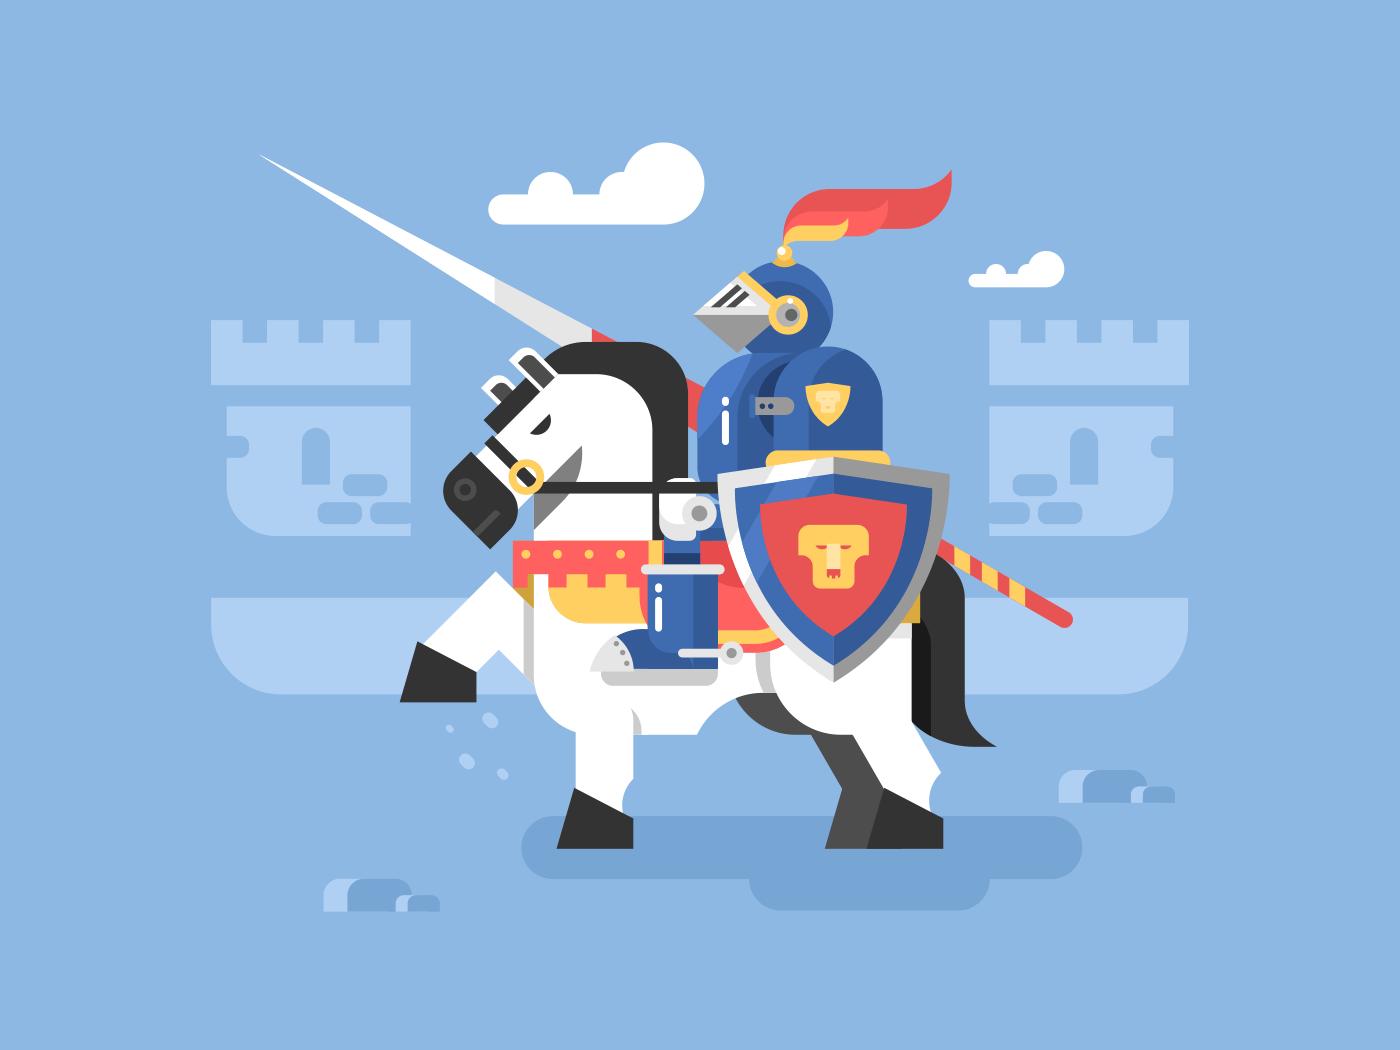 Knight on horseback flat vector illustration